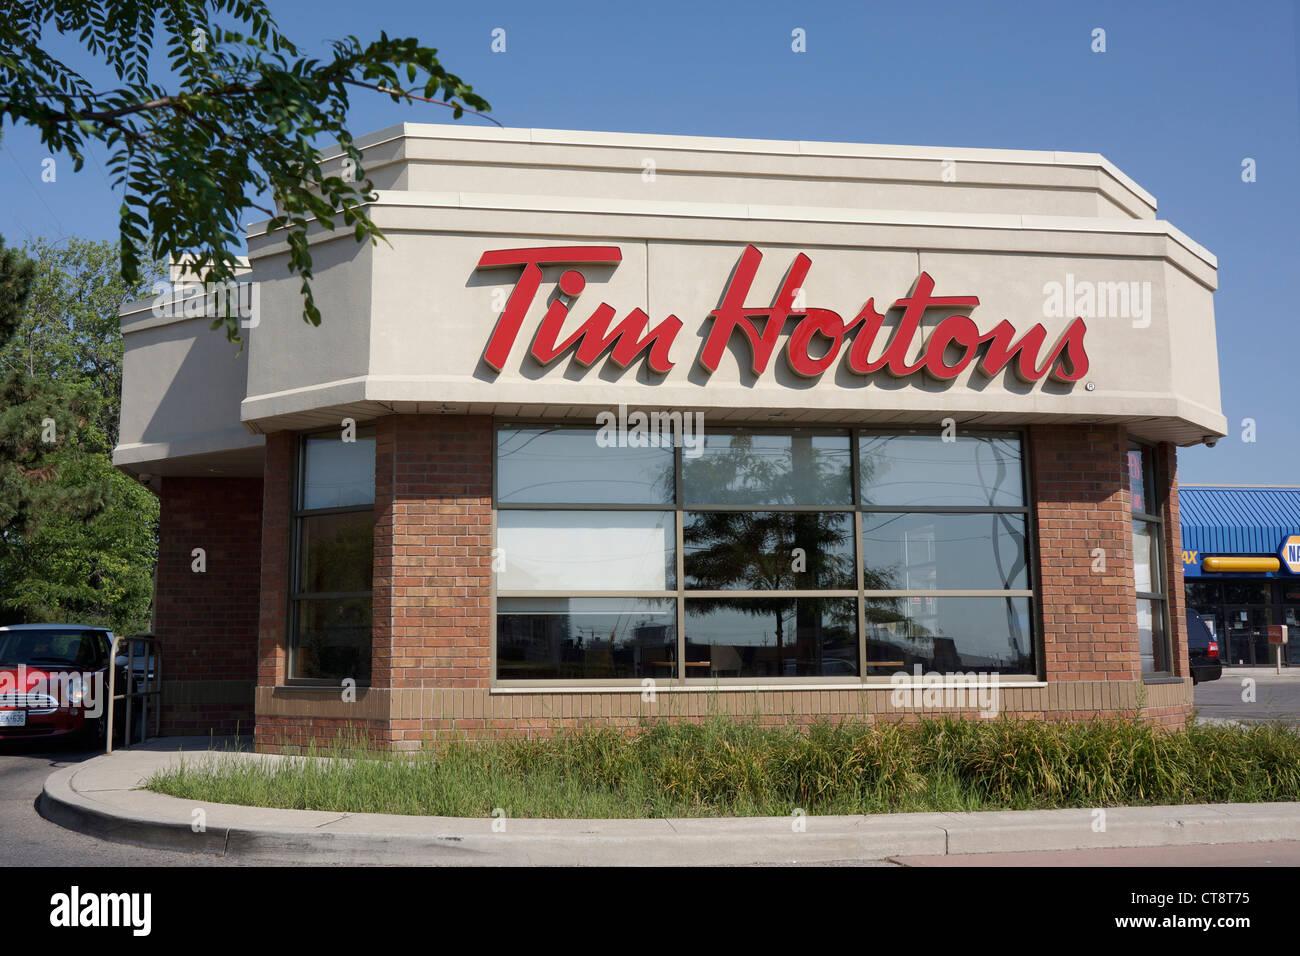 Tim Hortons Restaurant - Stock Image